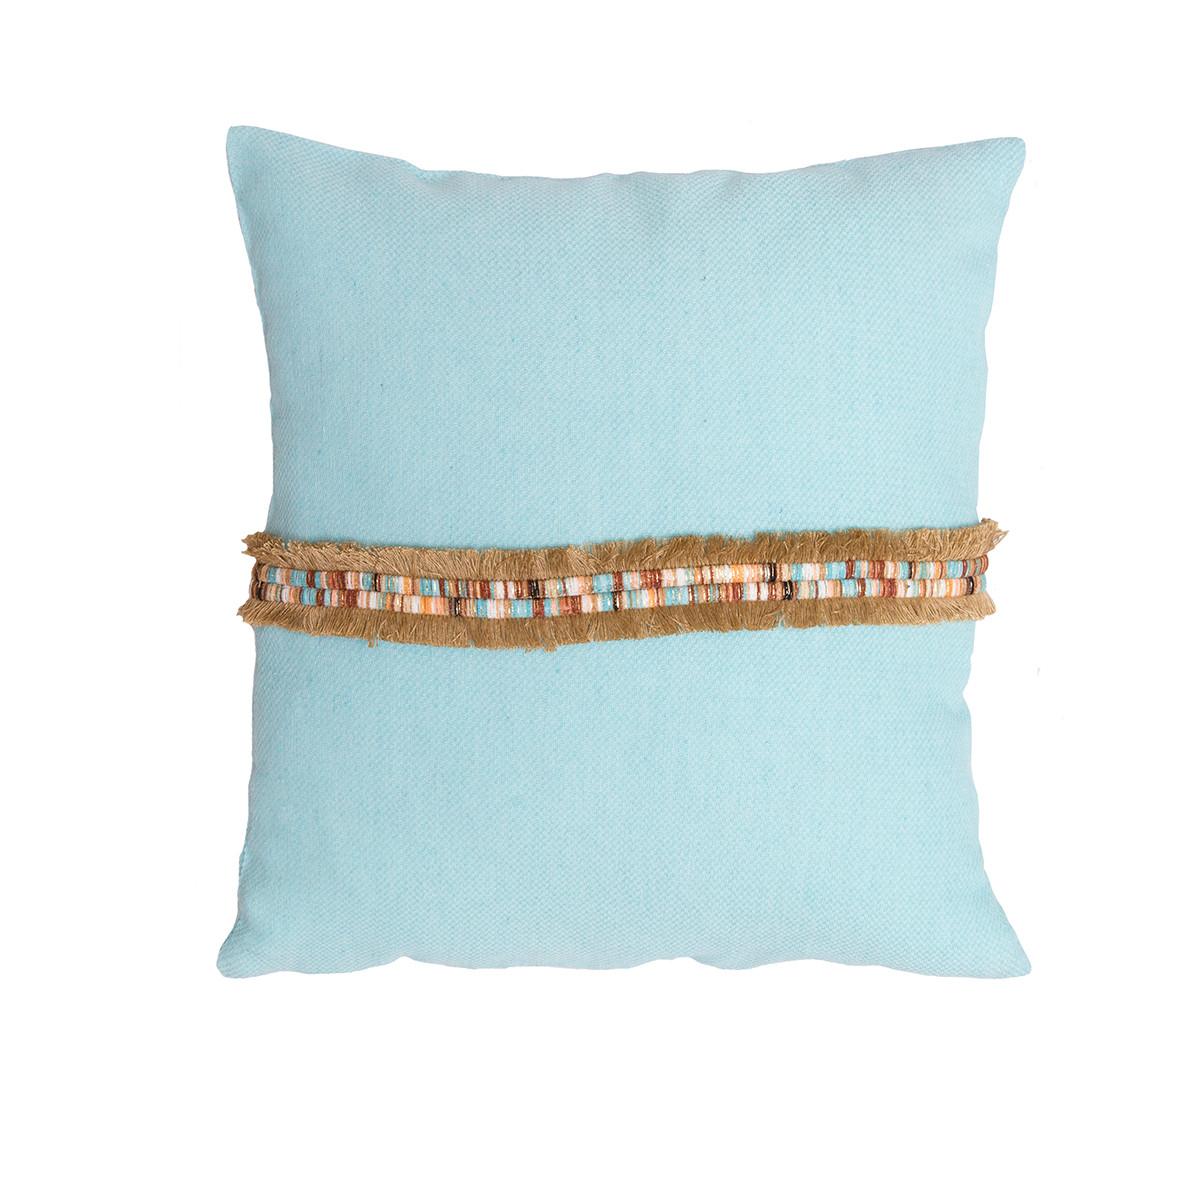 Διακοσμητική Μαξιλαροθήκη (40×40) Loom To Room Boho Mint